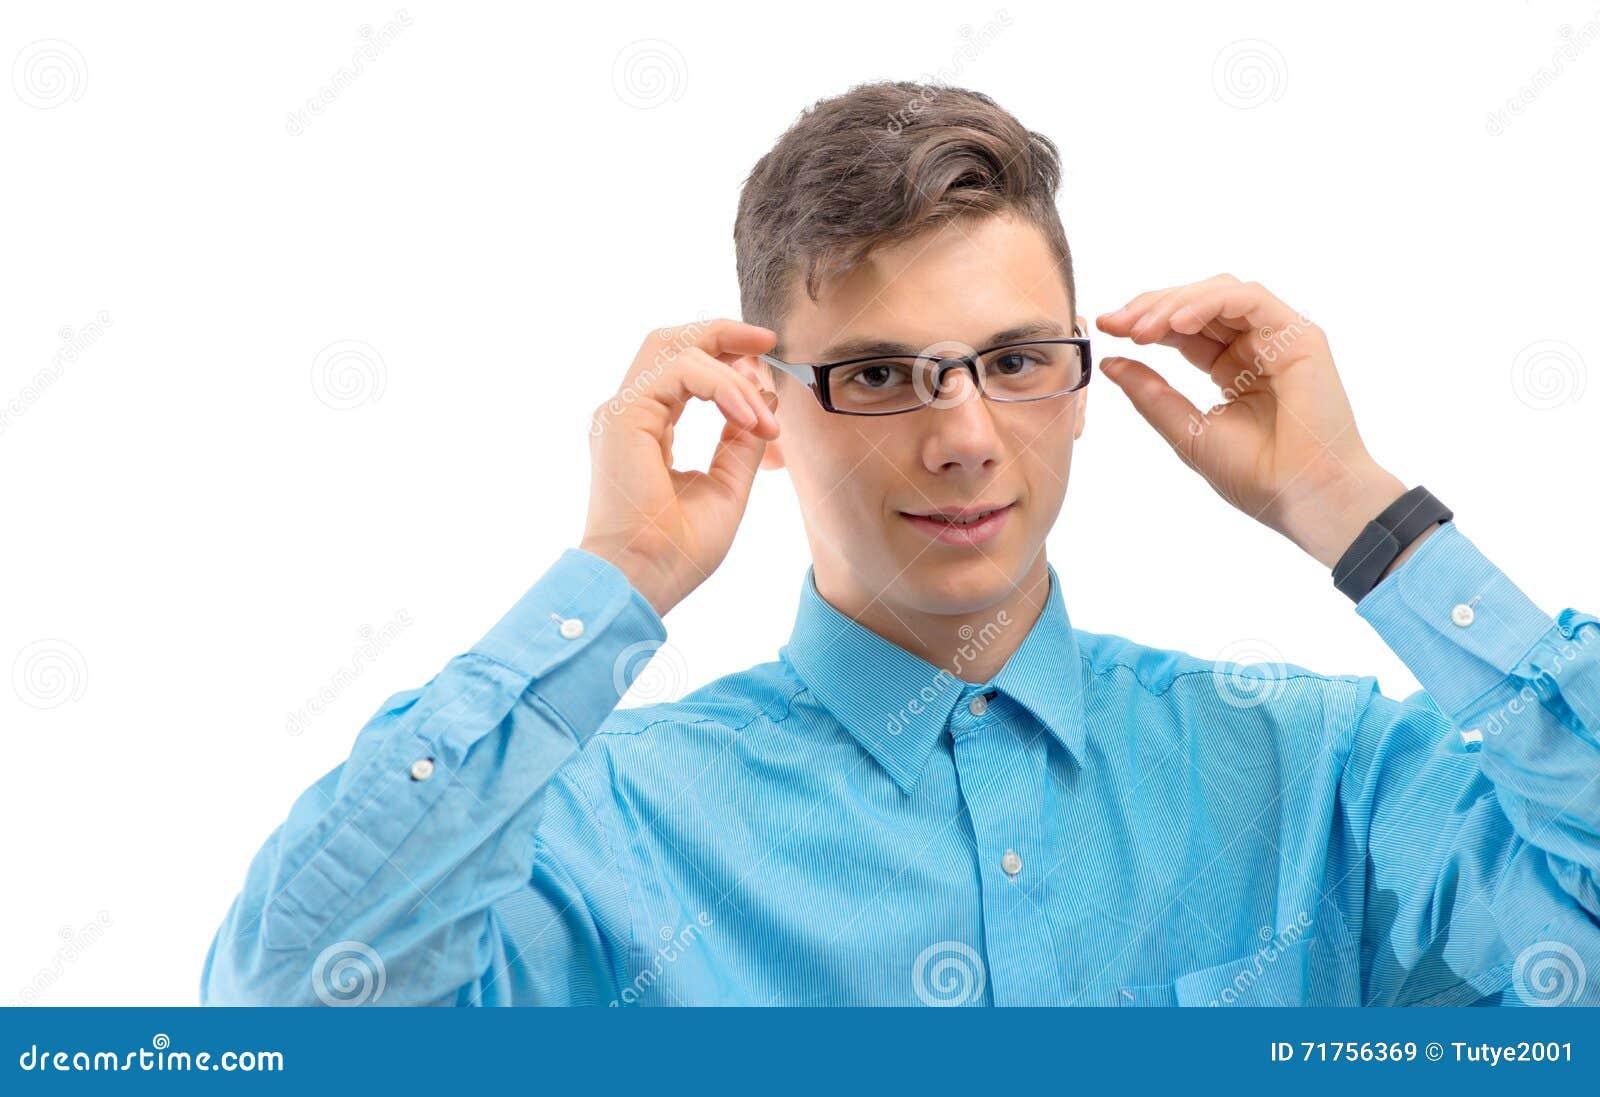 Έφηβος με τα νέα γυαλιά στα μάτια που απομονώνεται